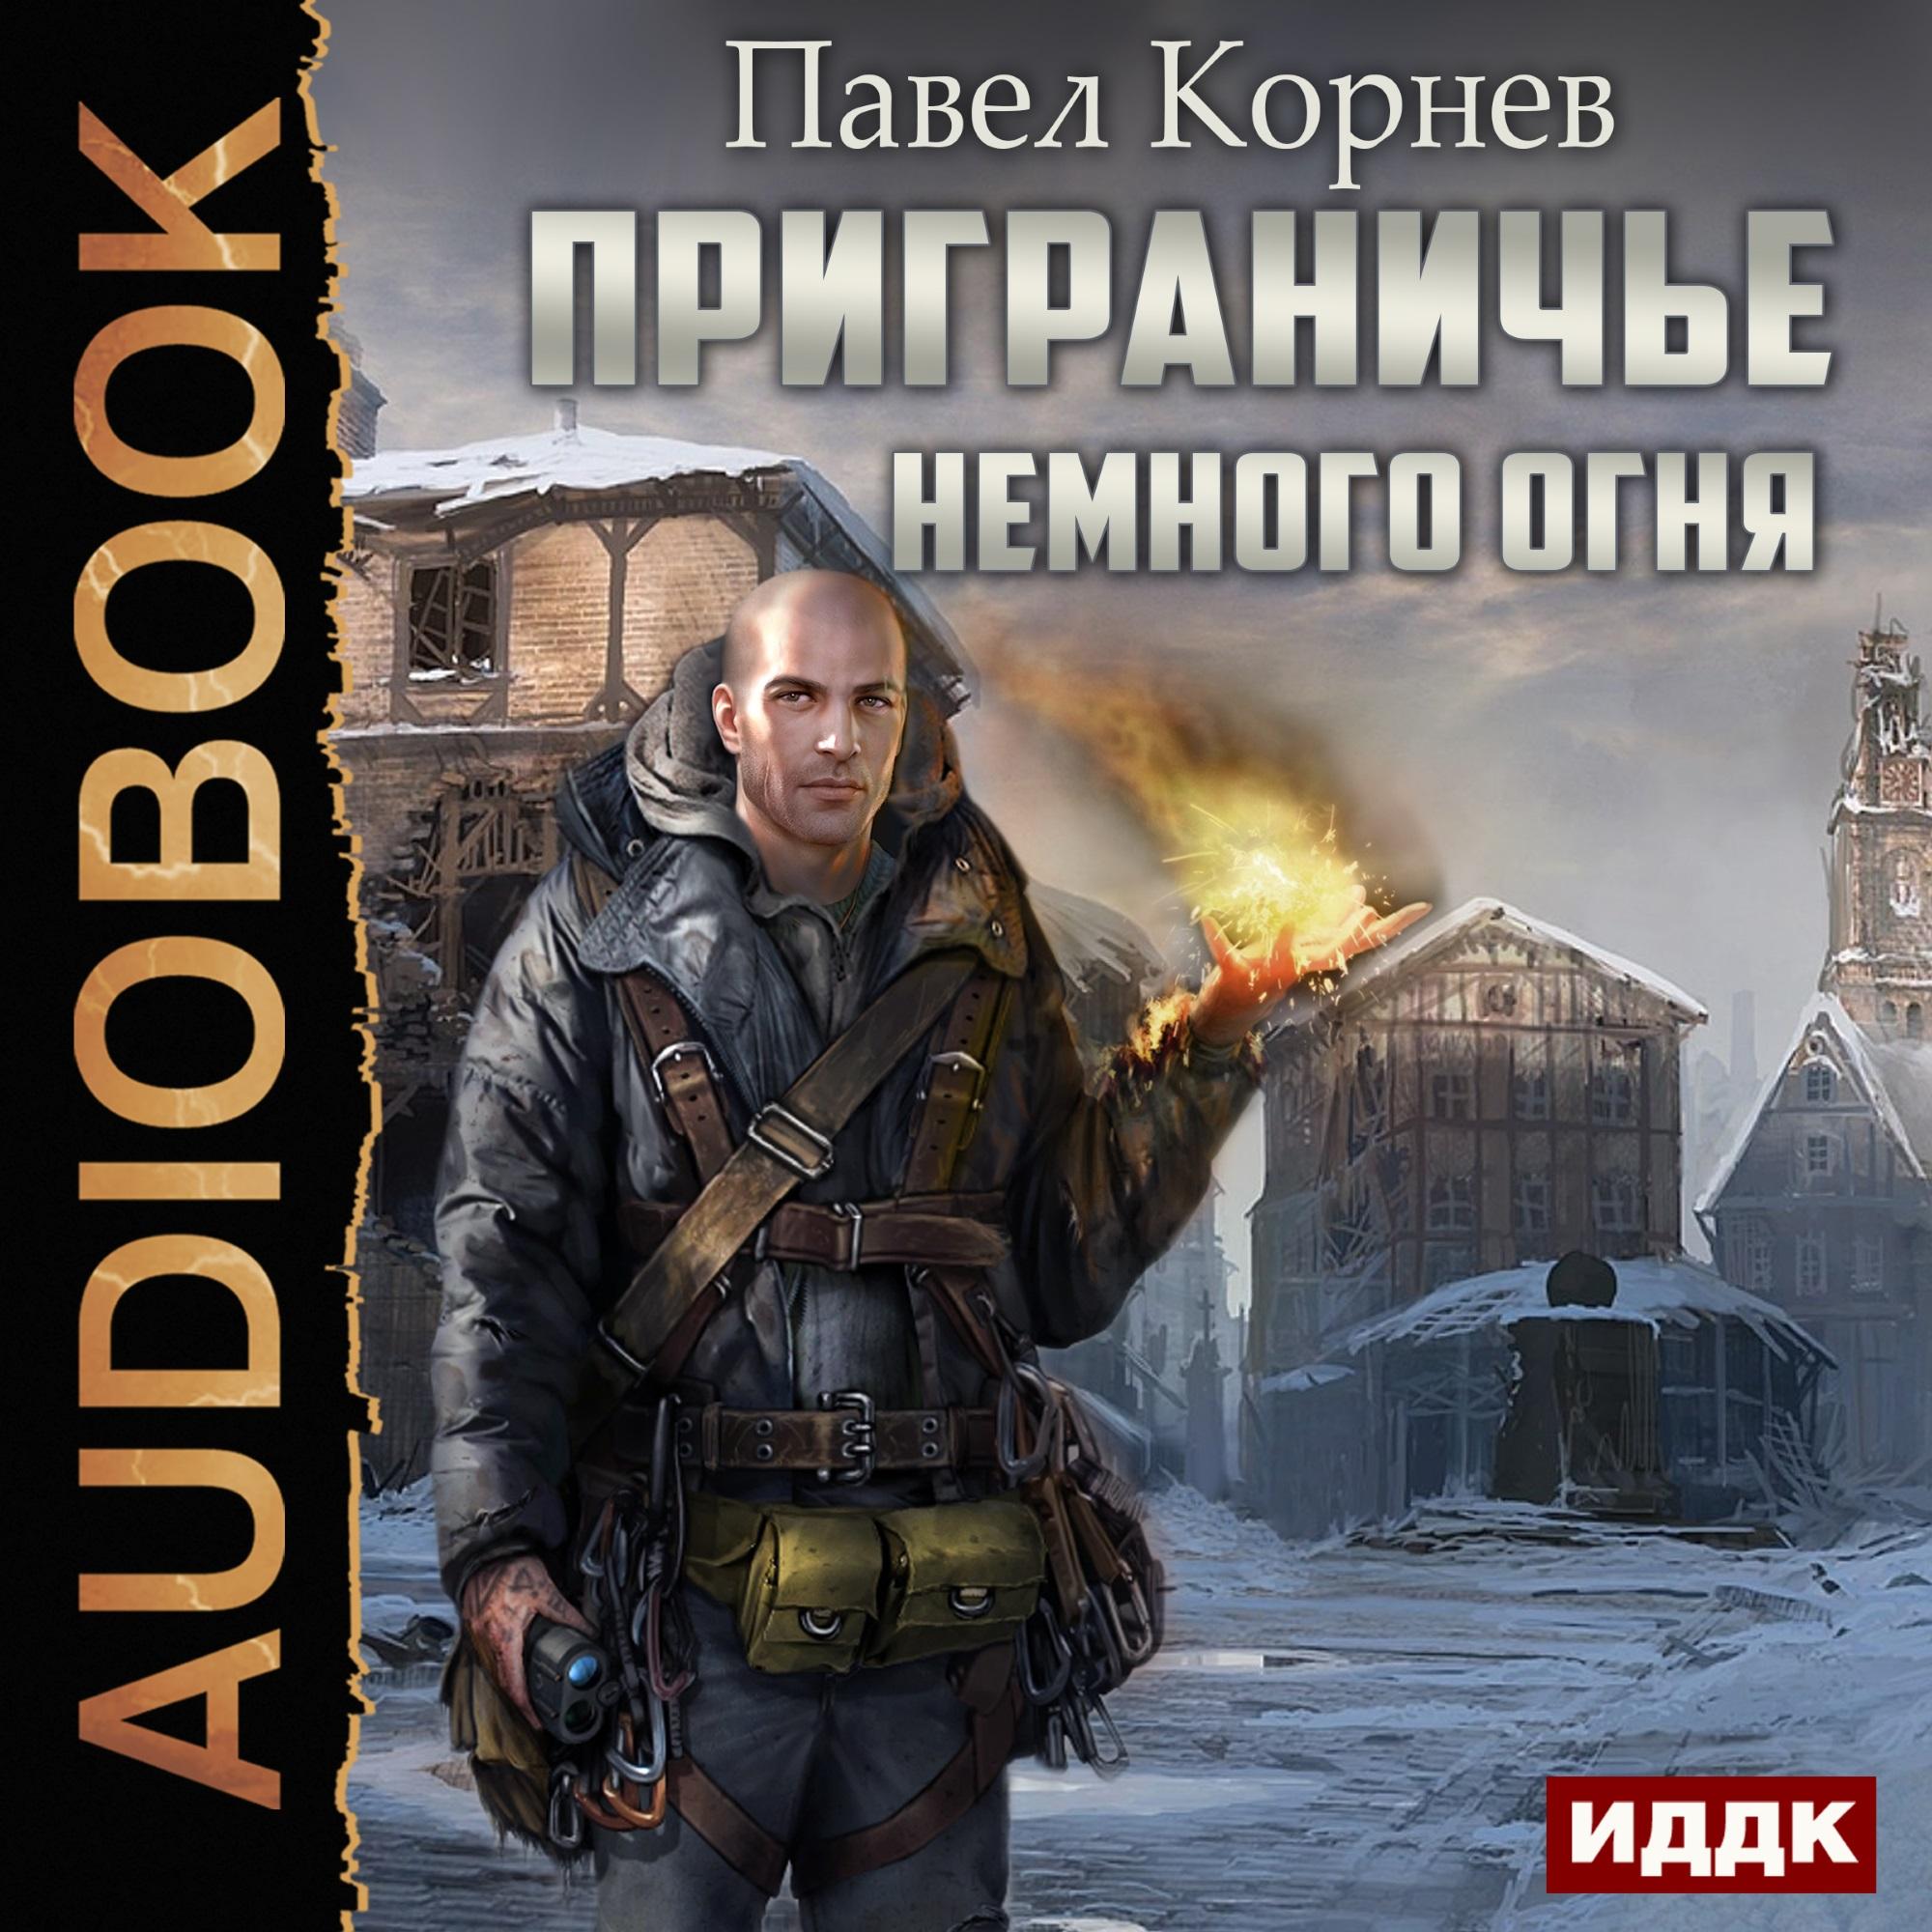 Приграничье: Немного огня (Цифровая версия)Приграничье: Немного огня – фантастический рассказ Павла Корнева, жанр боевая фантастика.<br>